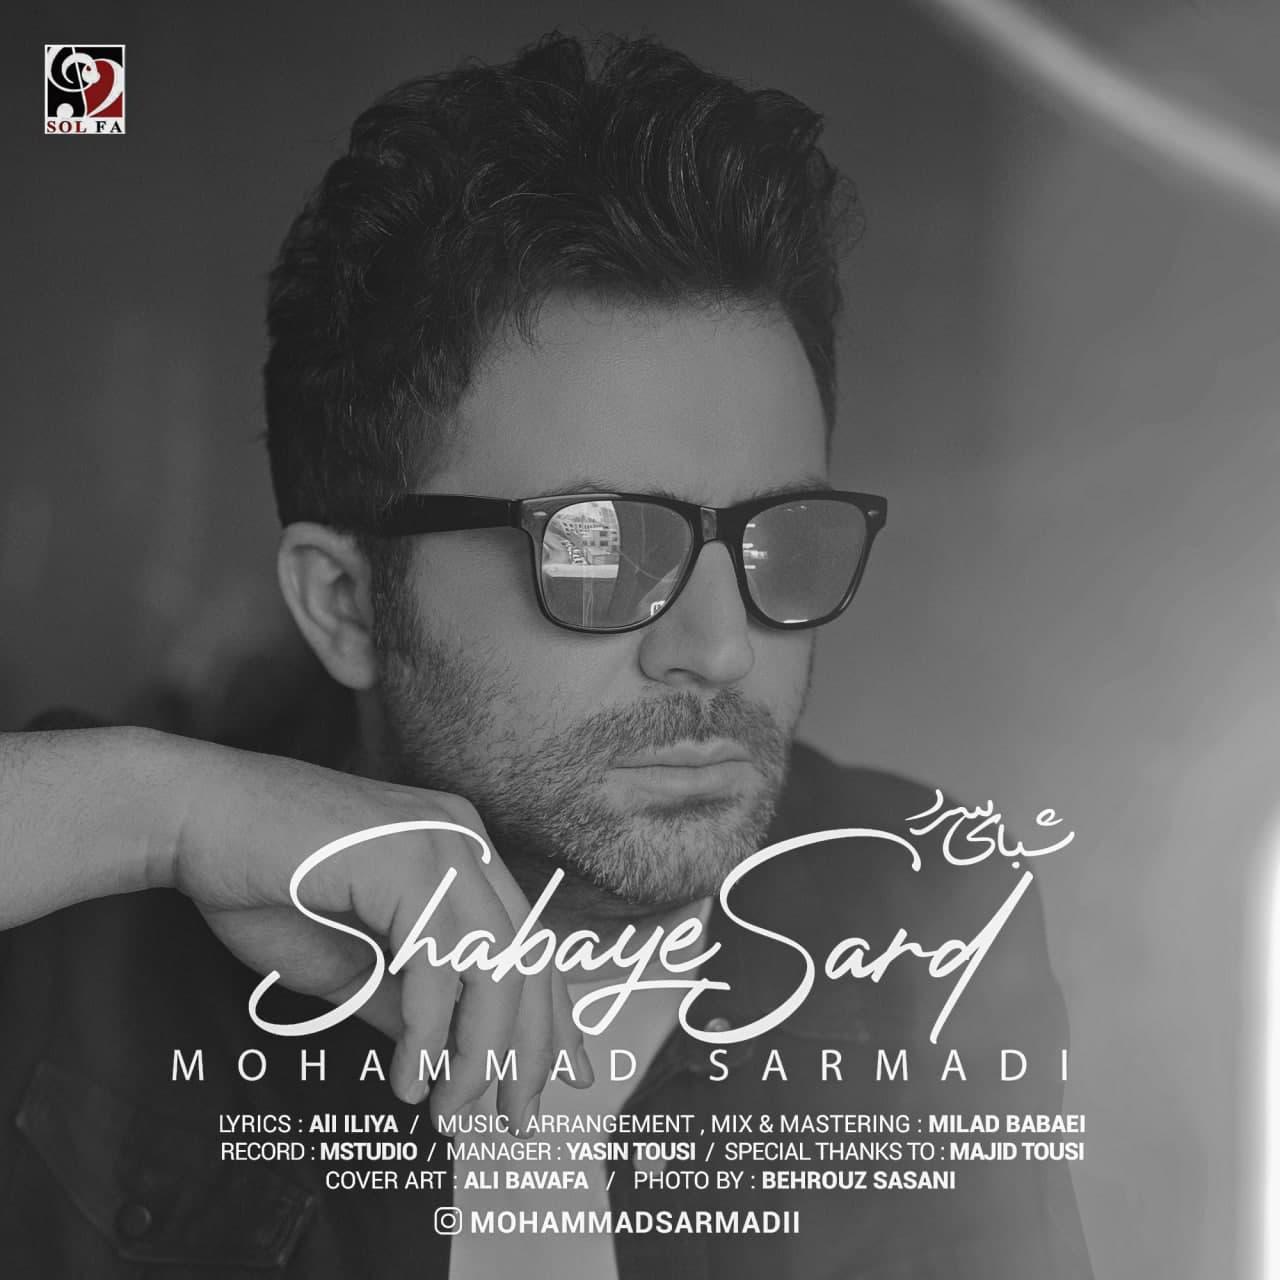 دانلود موزیک جدید محمد سرمدی شبای سرد